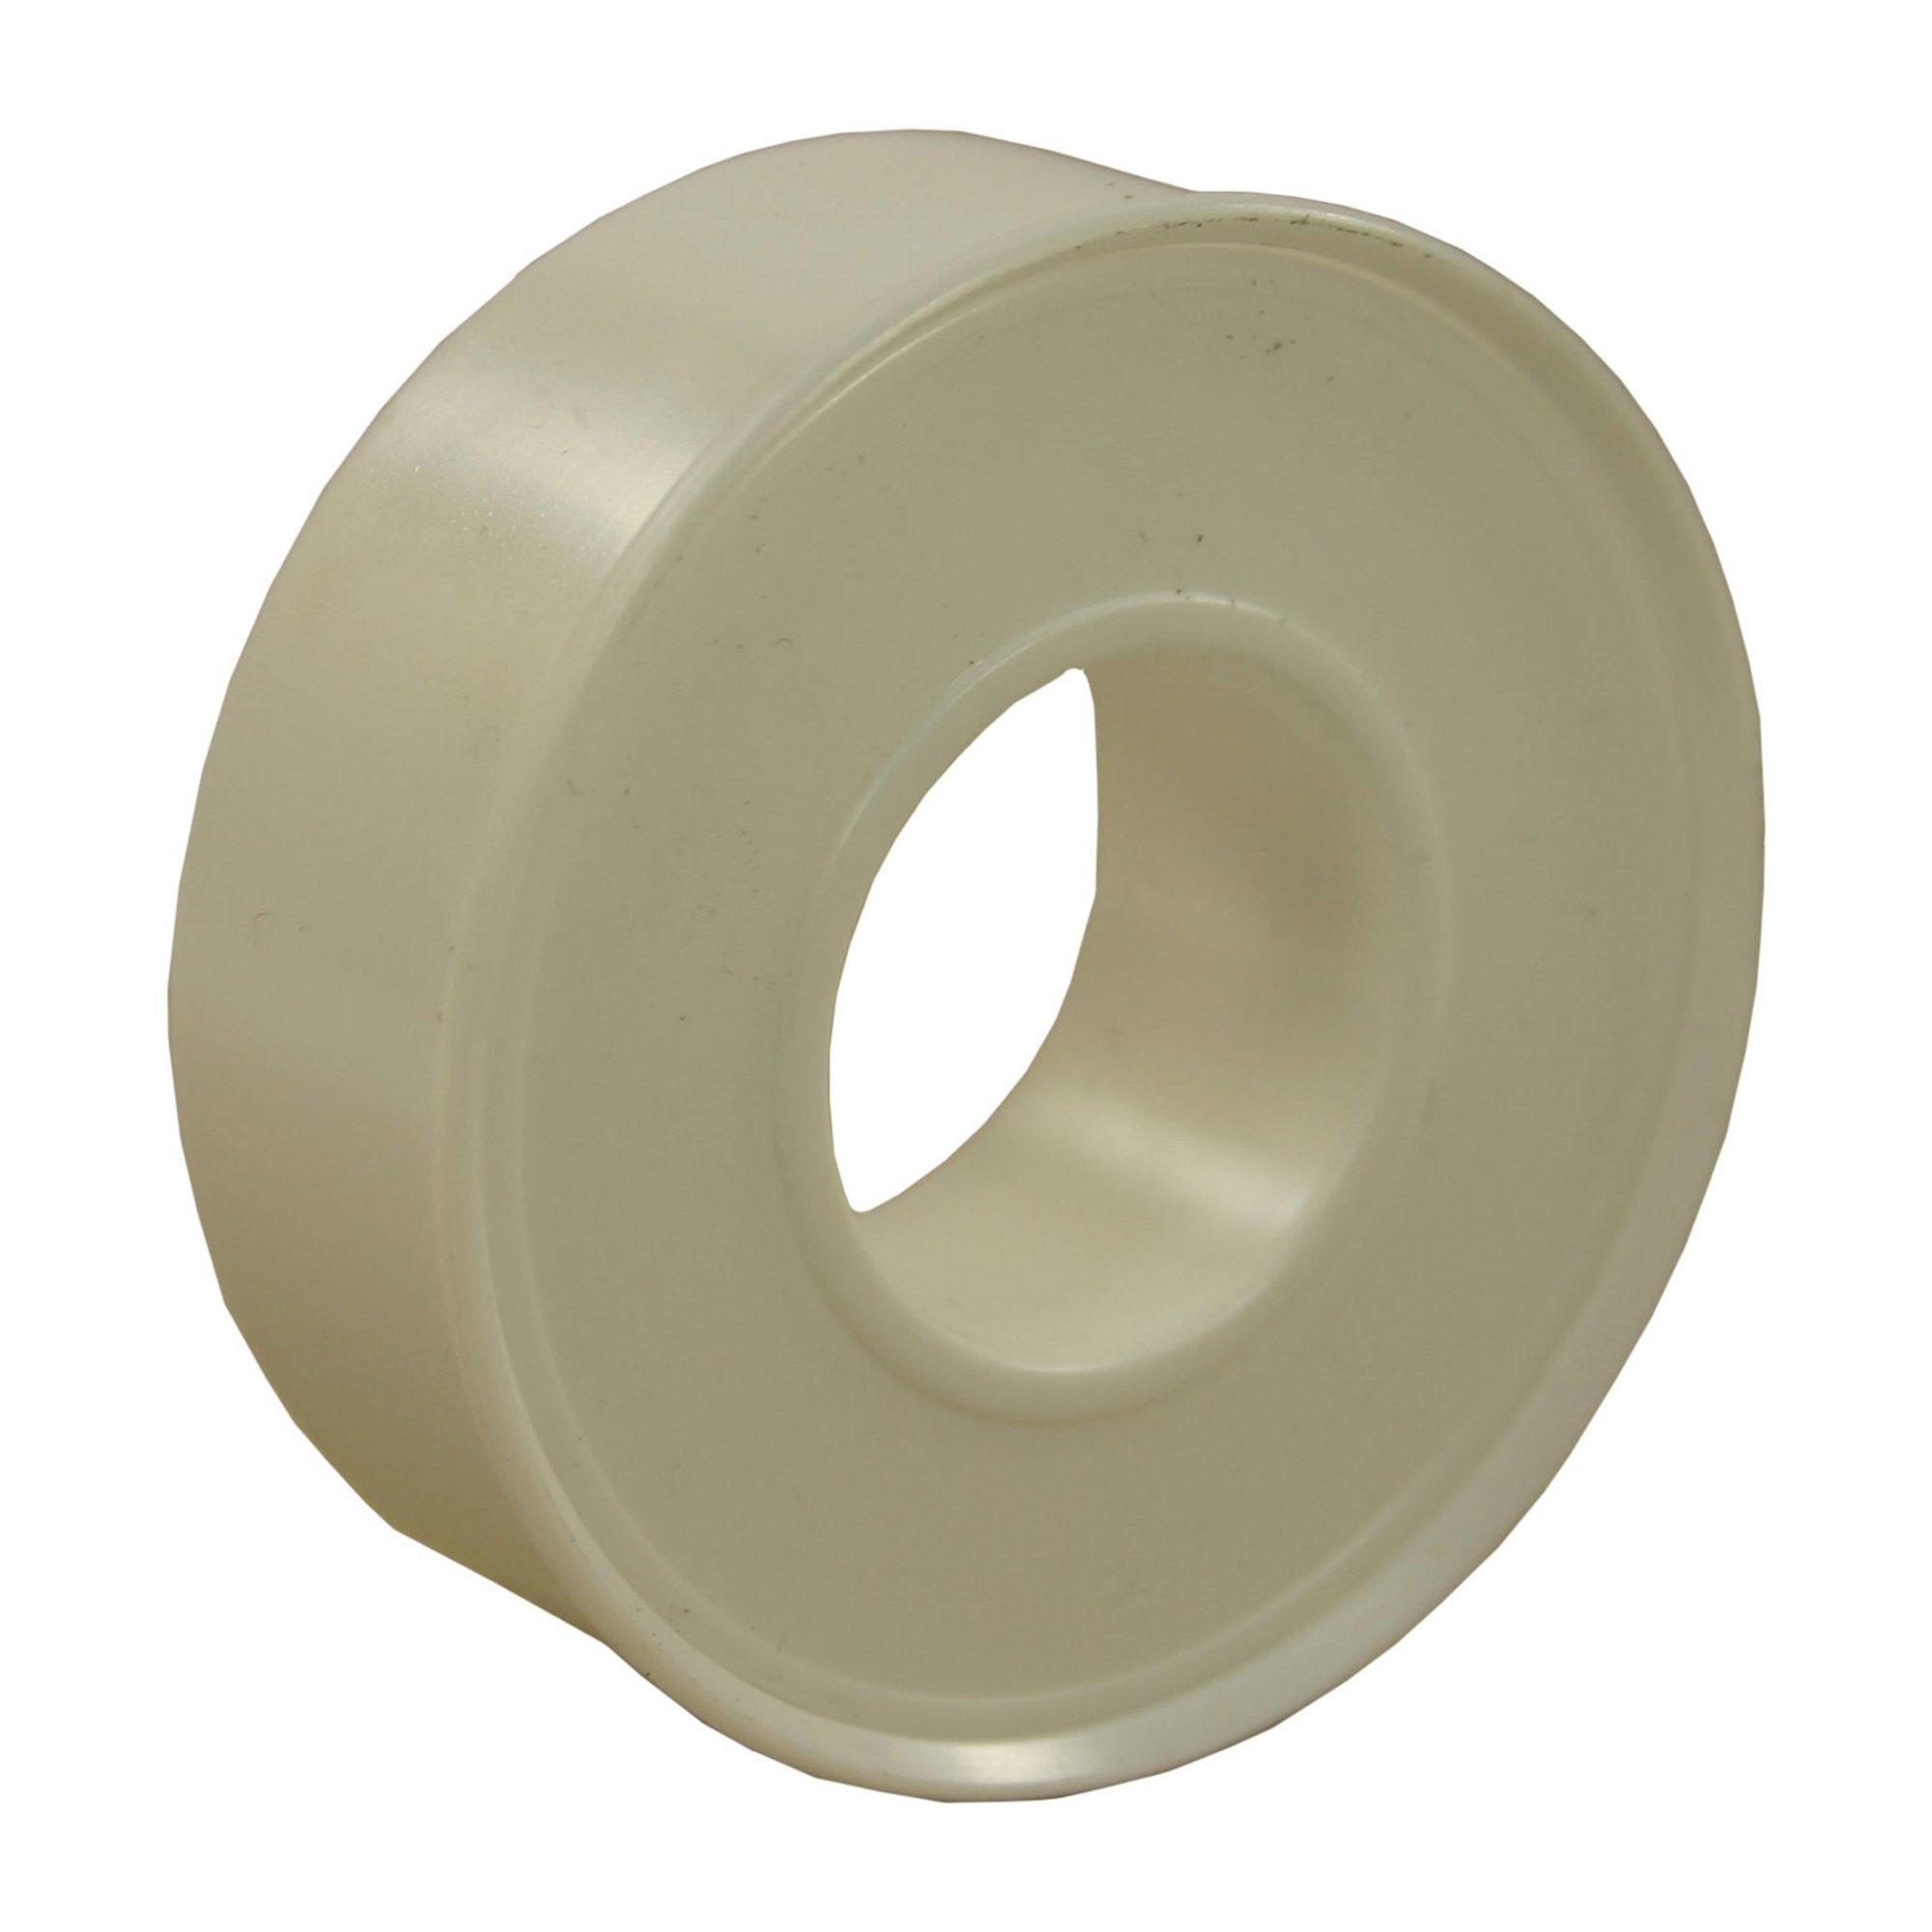 Markenlos Teflonband à 1 Rolle